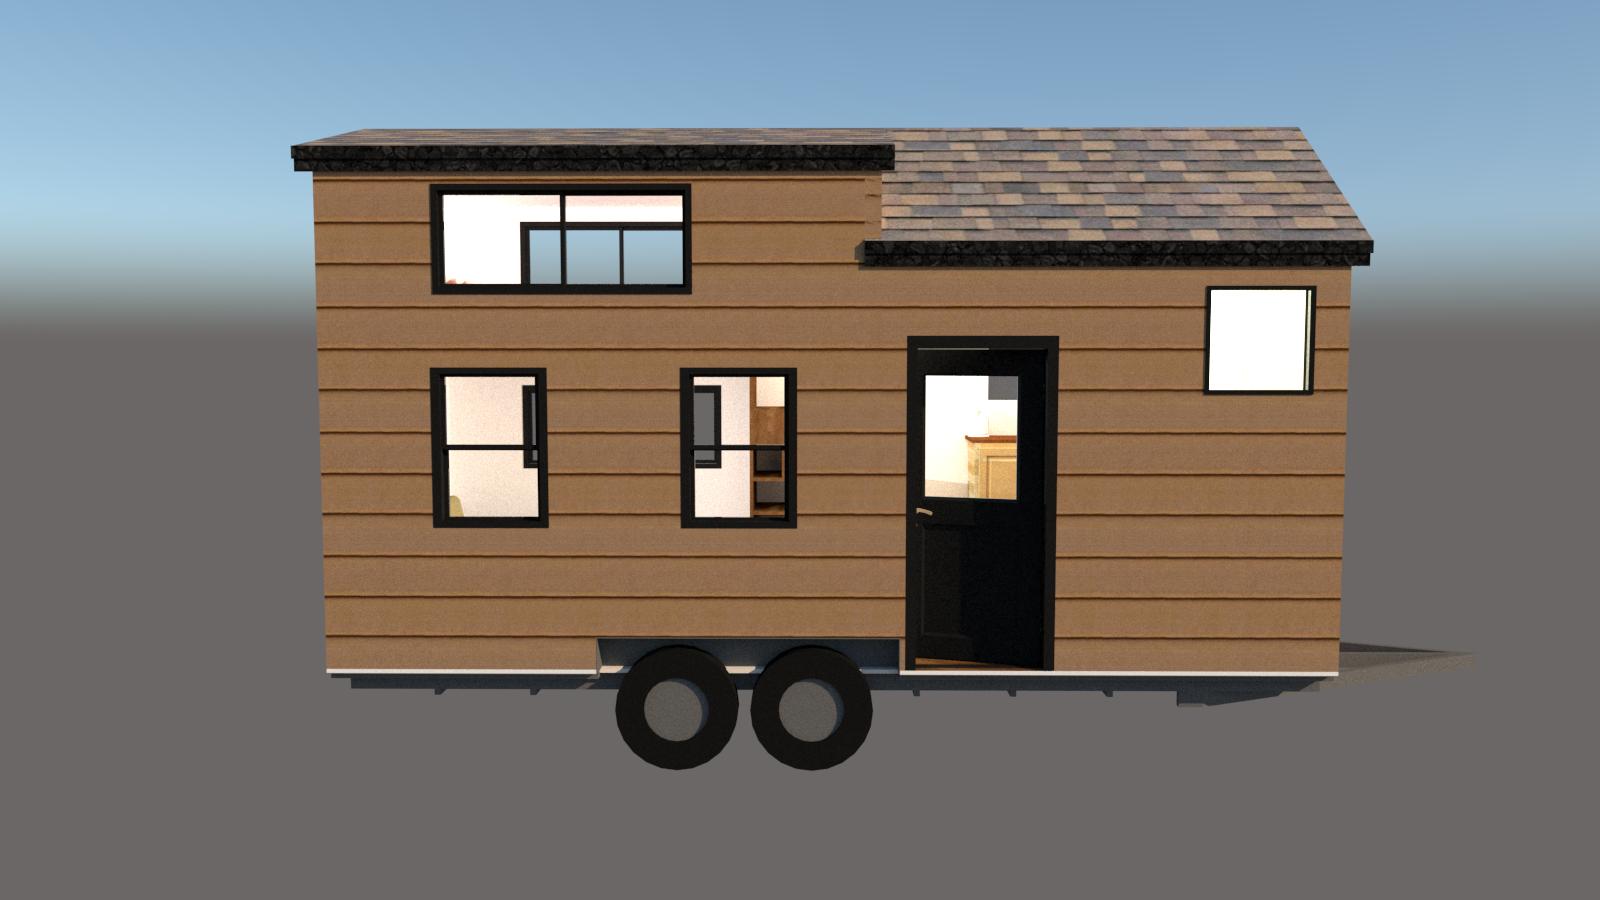 The hoosic a tiny house with a spacious sleeping loft b for Diy tiny house kits